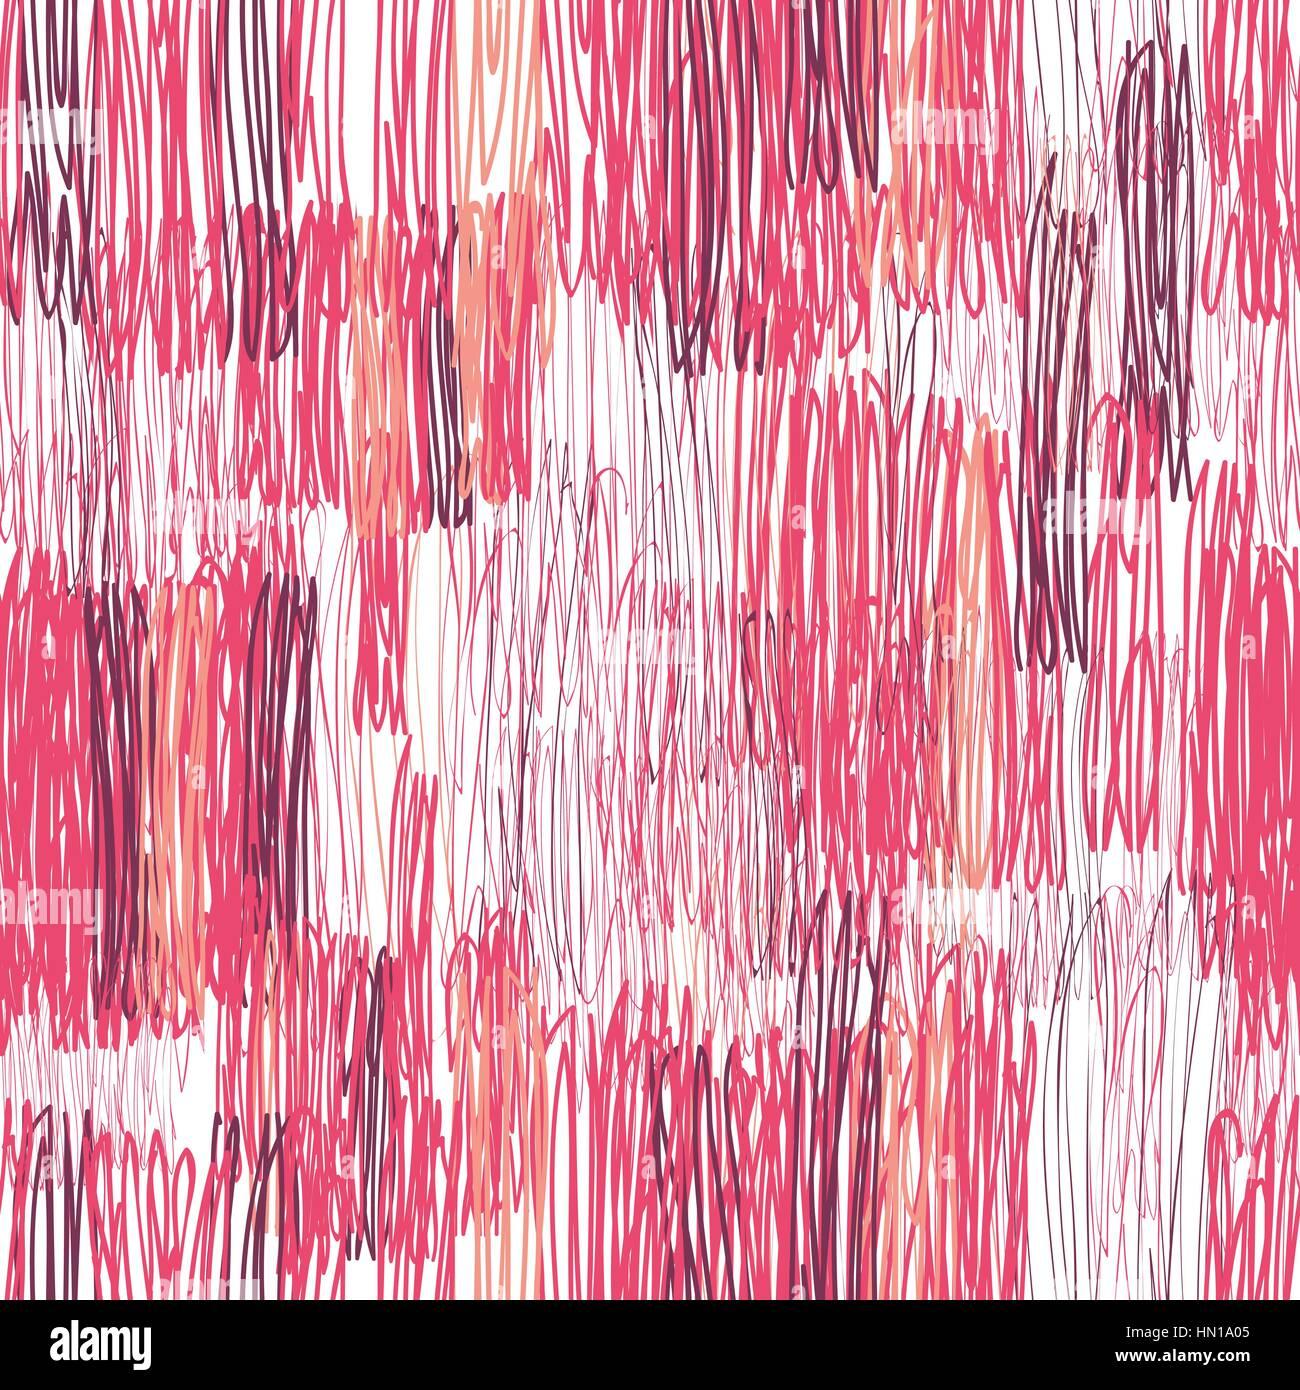 r u00e9sum u00e9 motif transparent g u00e9om u00e9trique  dessin au crayon de couleur texture ligne fond d u00e9nud u00e9 d